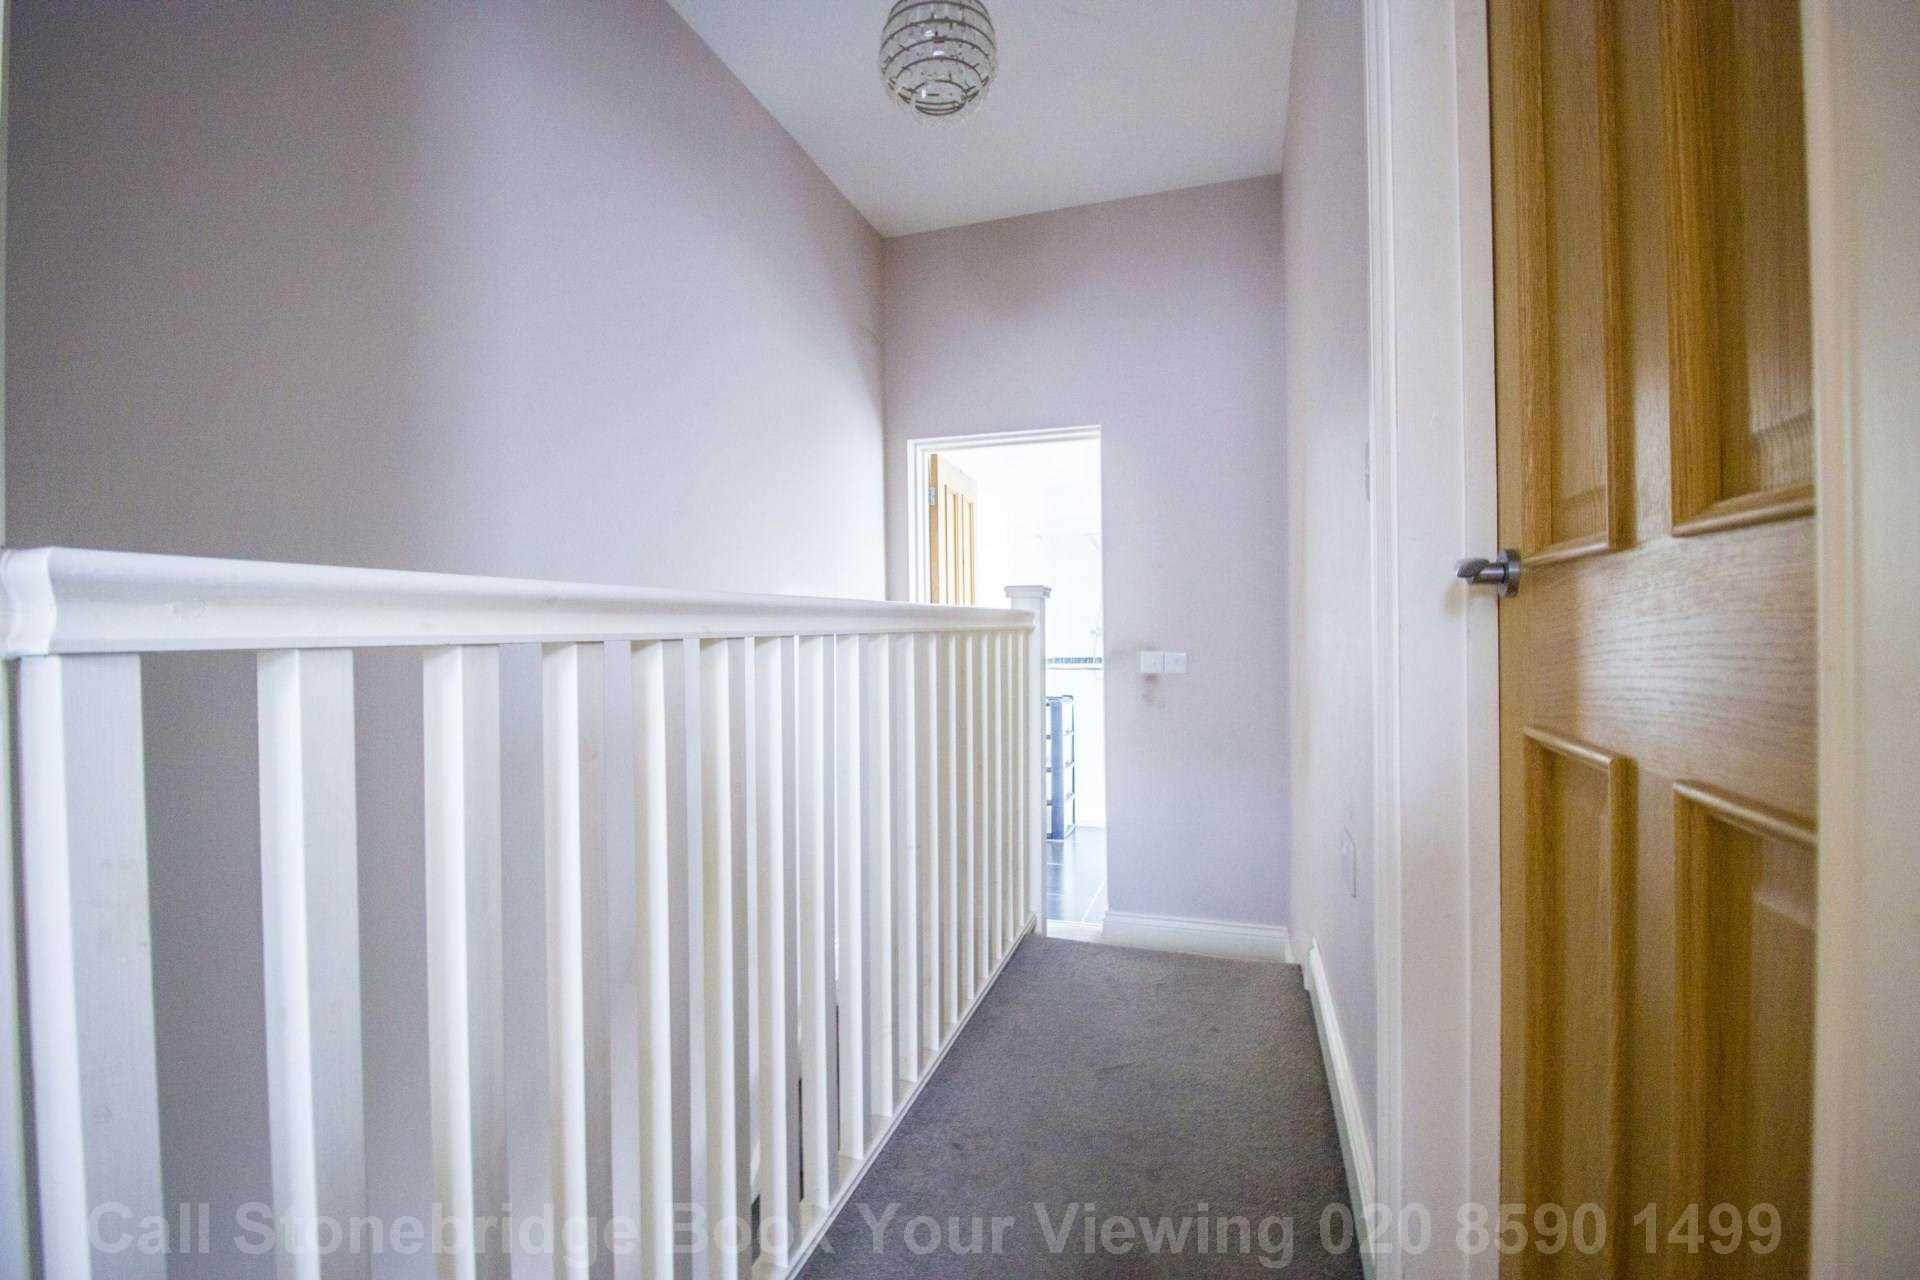 Kenneth Road, Chadwell Heath RM6, Image 6